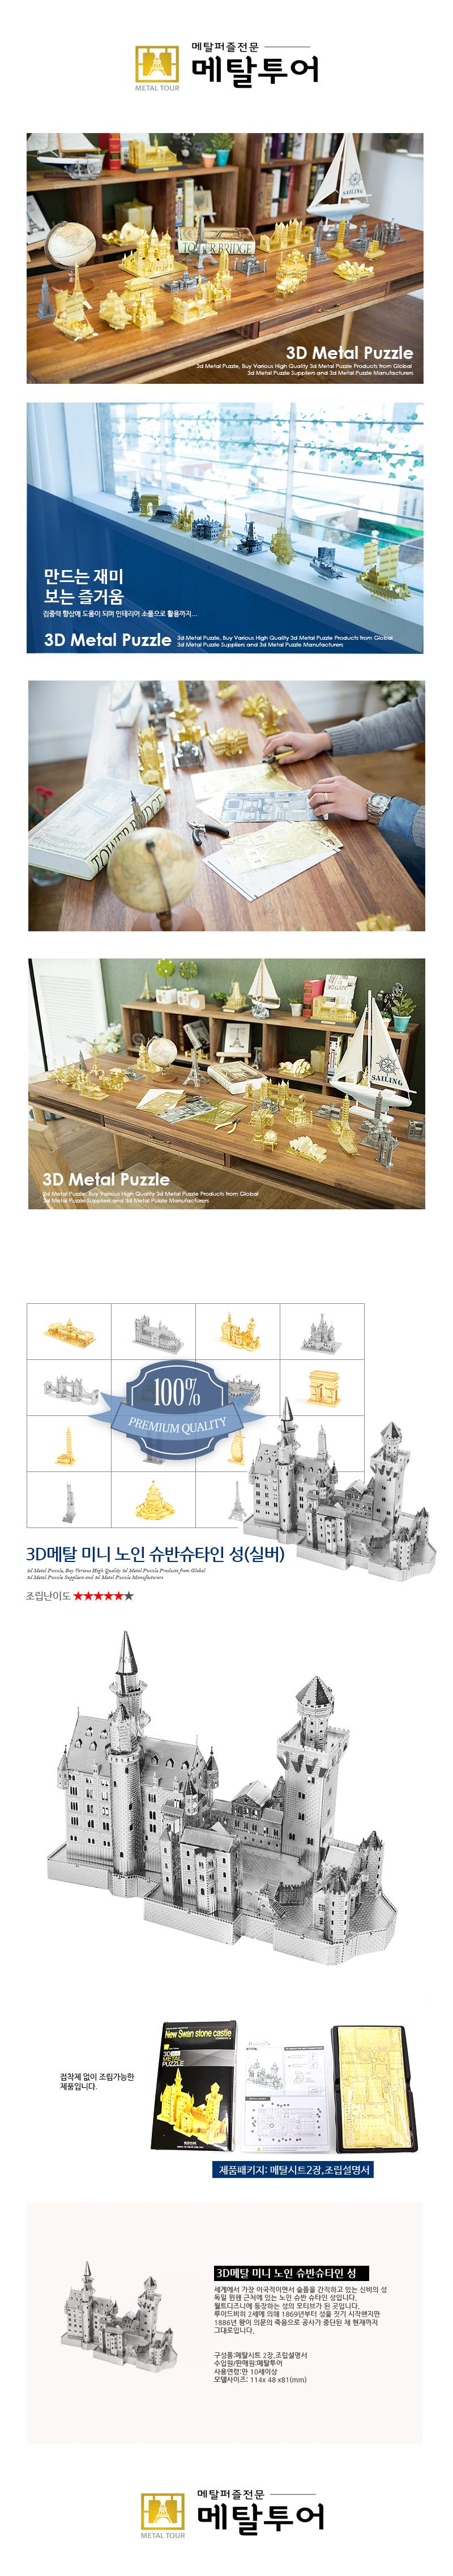 3D 메탈퍼즐 미니 노인슈반슈타인 성-실버 - 메탈투어, 26,000원, 조각/퍼즐, 3D입체퍼즐